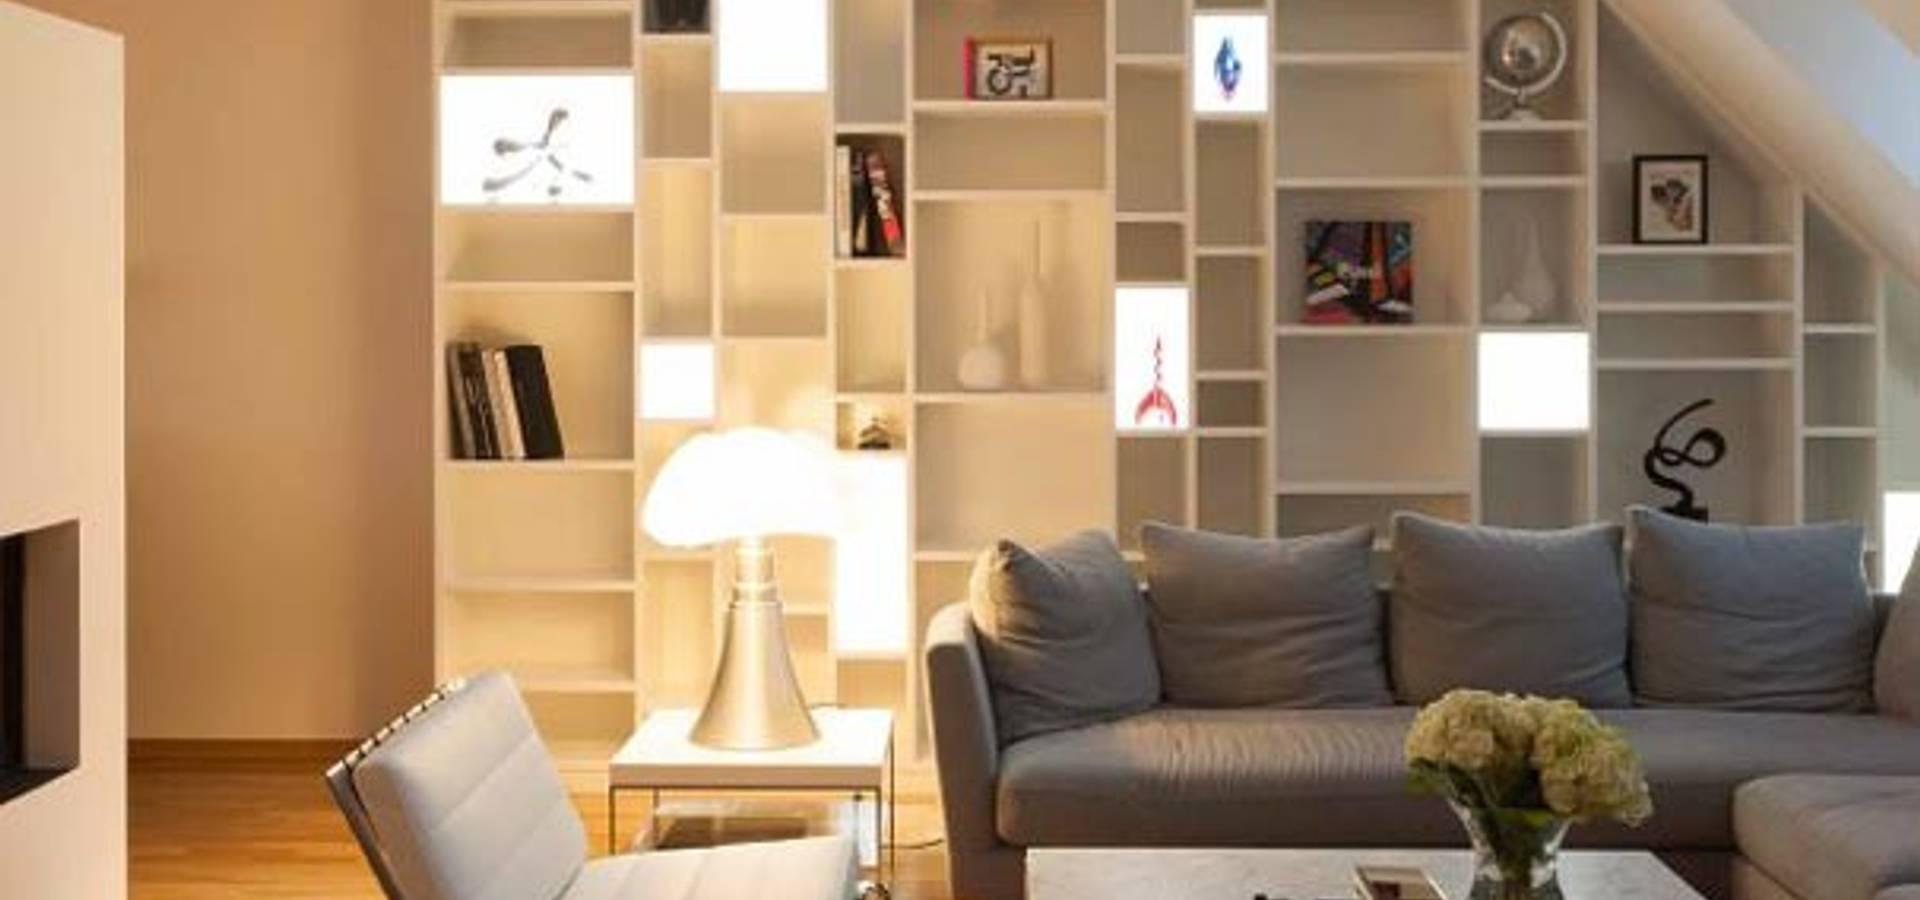 Les Pampilles – Architecture d'intérieur